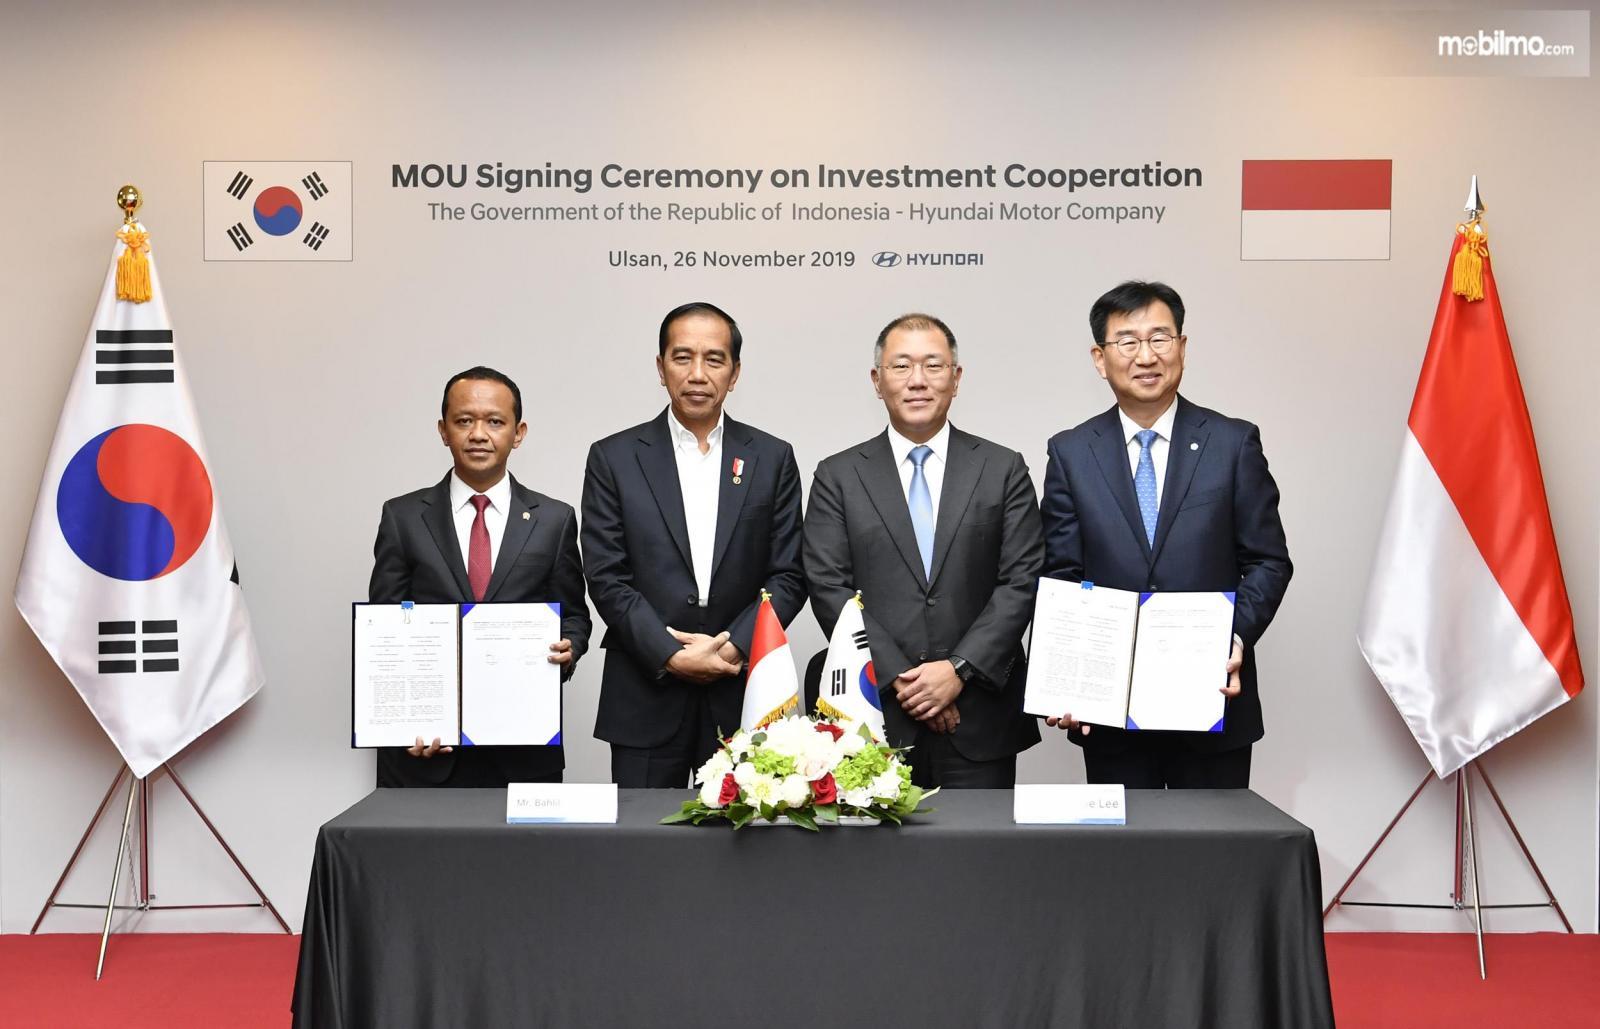 Foto bersama saat Penandatanganan MoU Hyundai Motors Group dengan Pemerintah RI